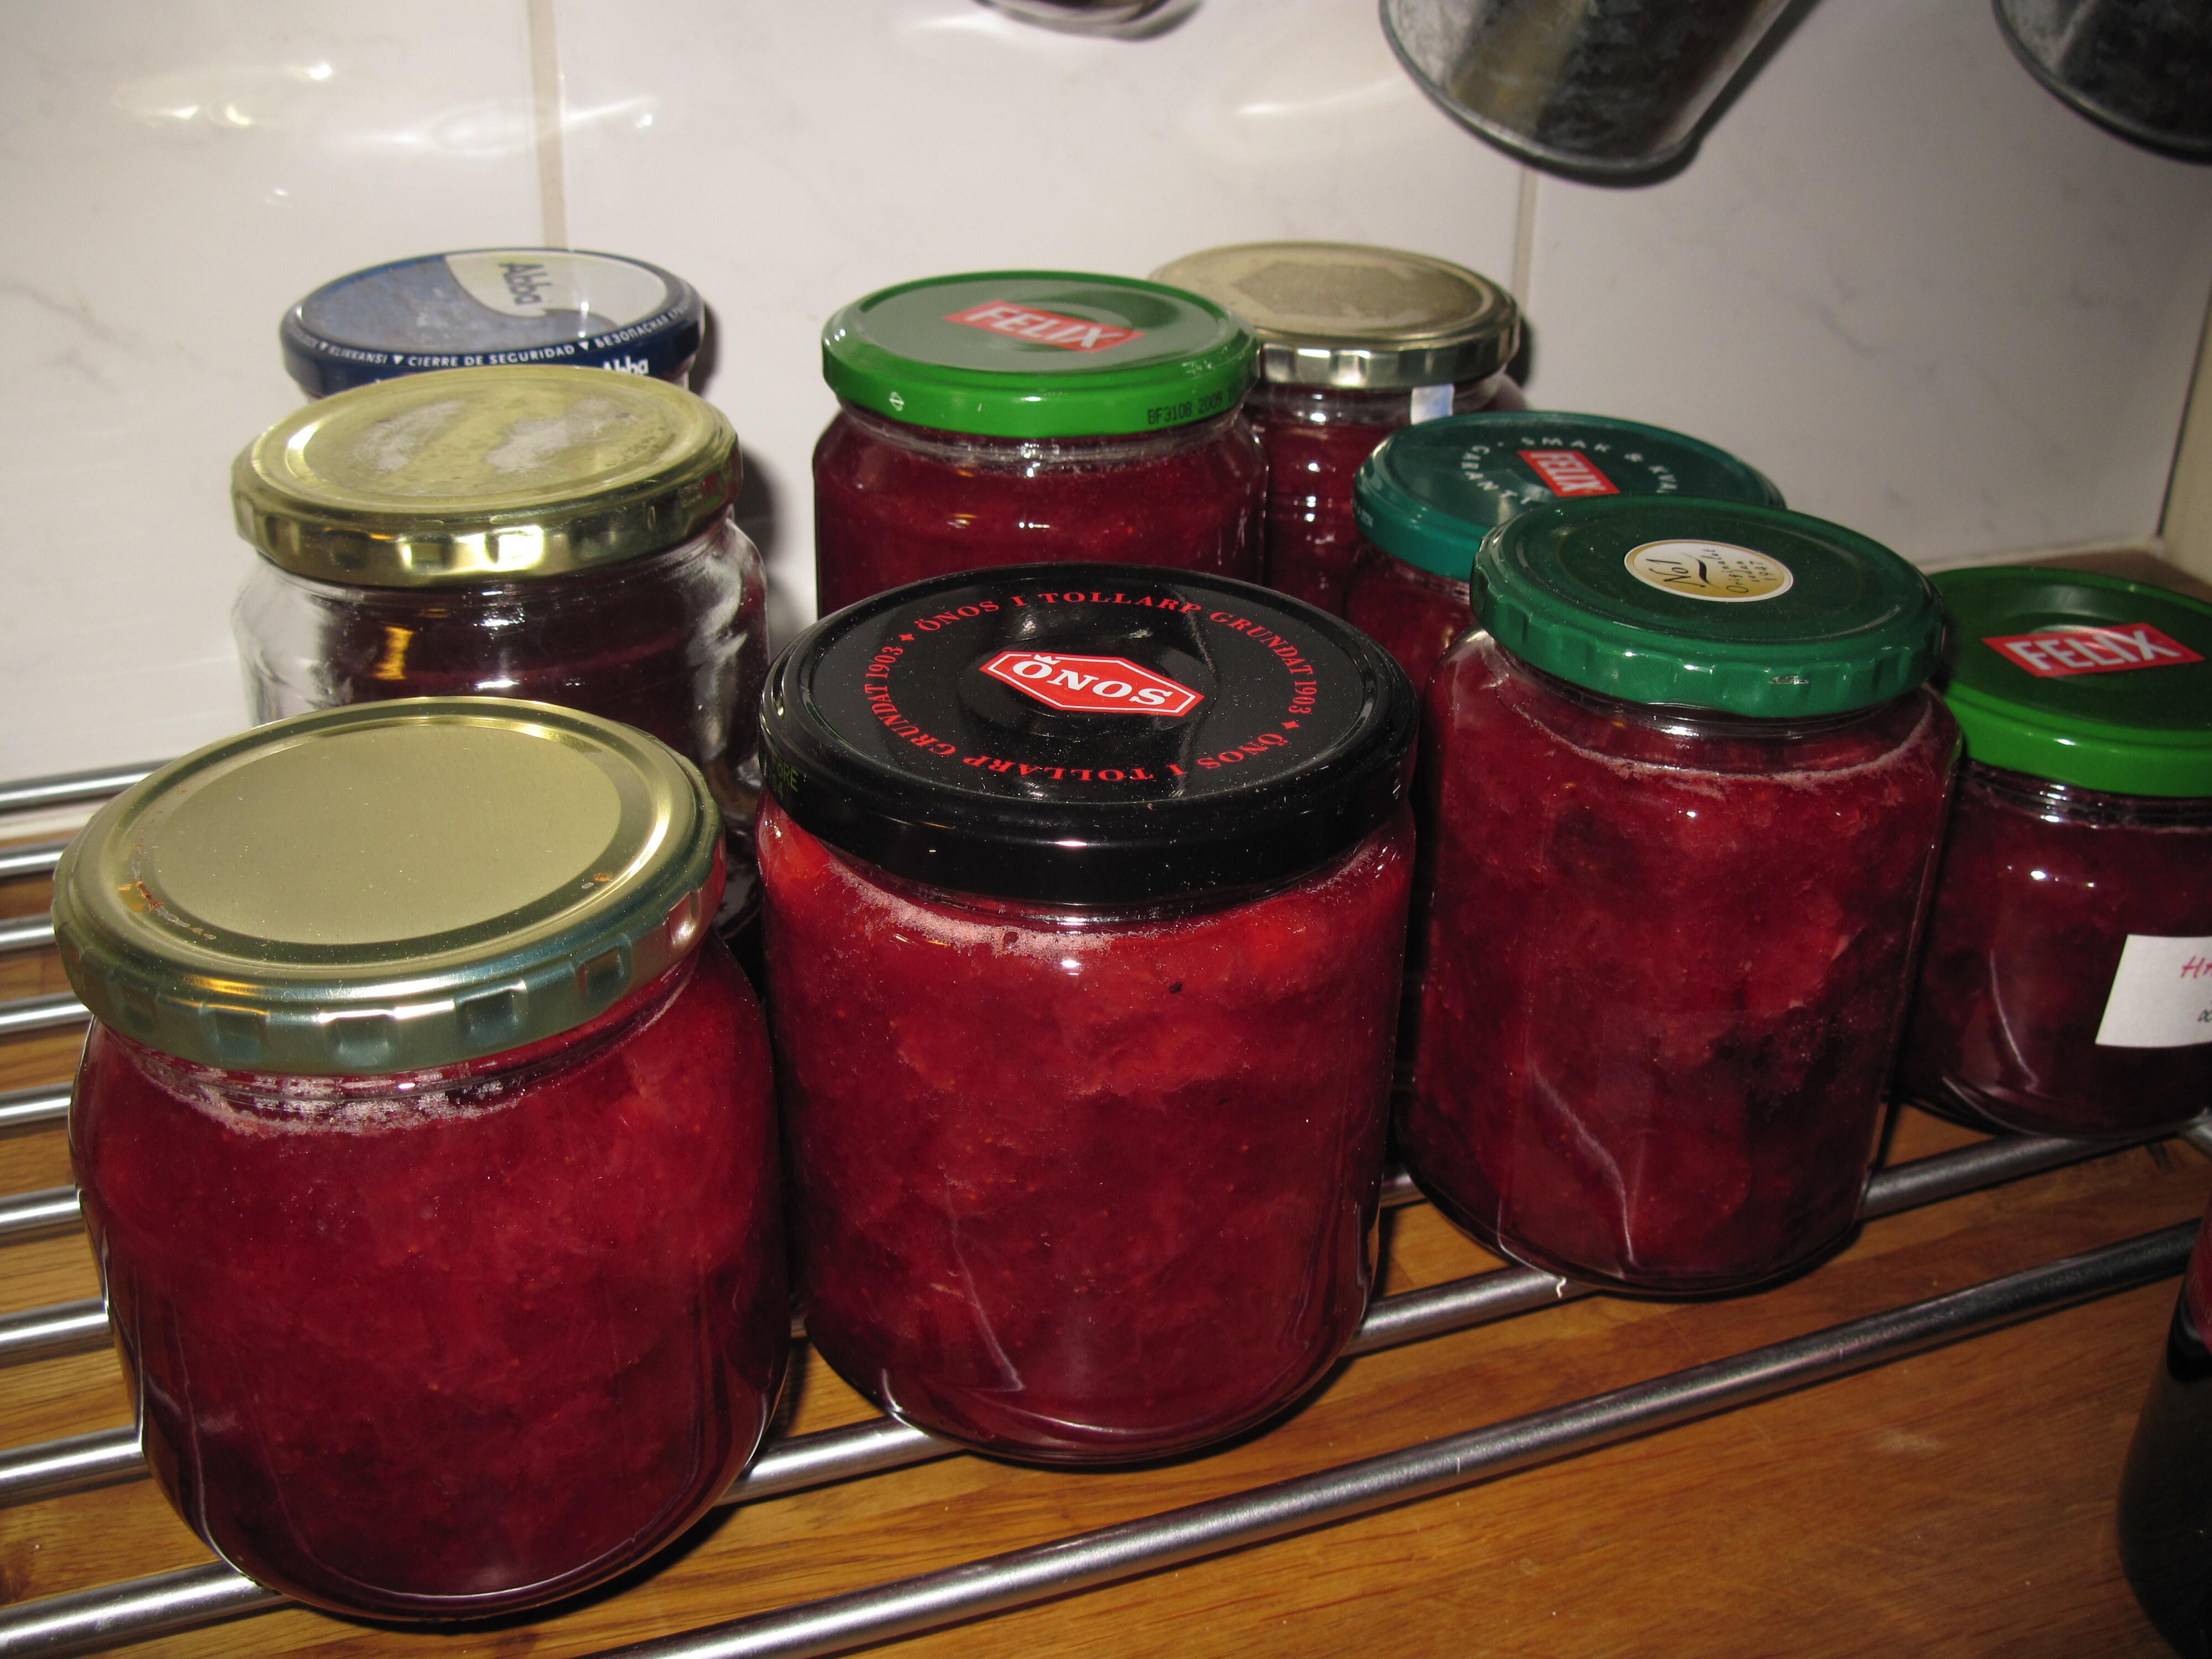 jordgubbssylt mindre socker